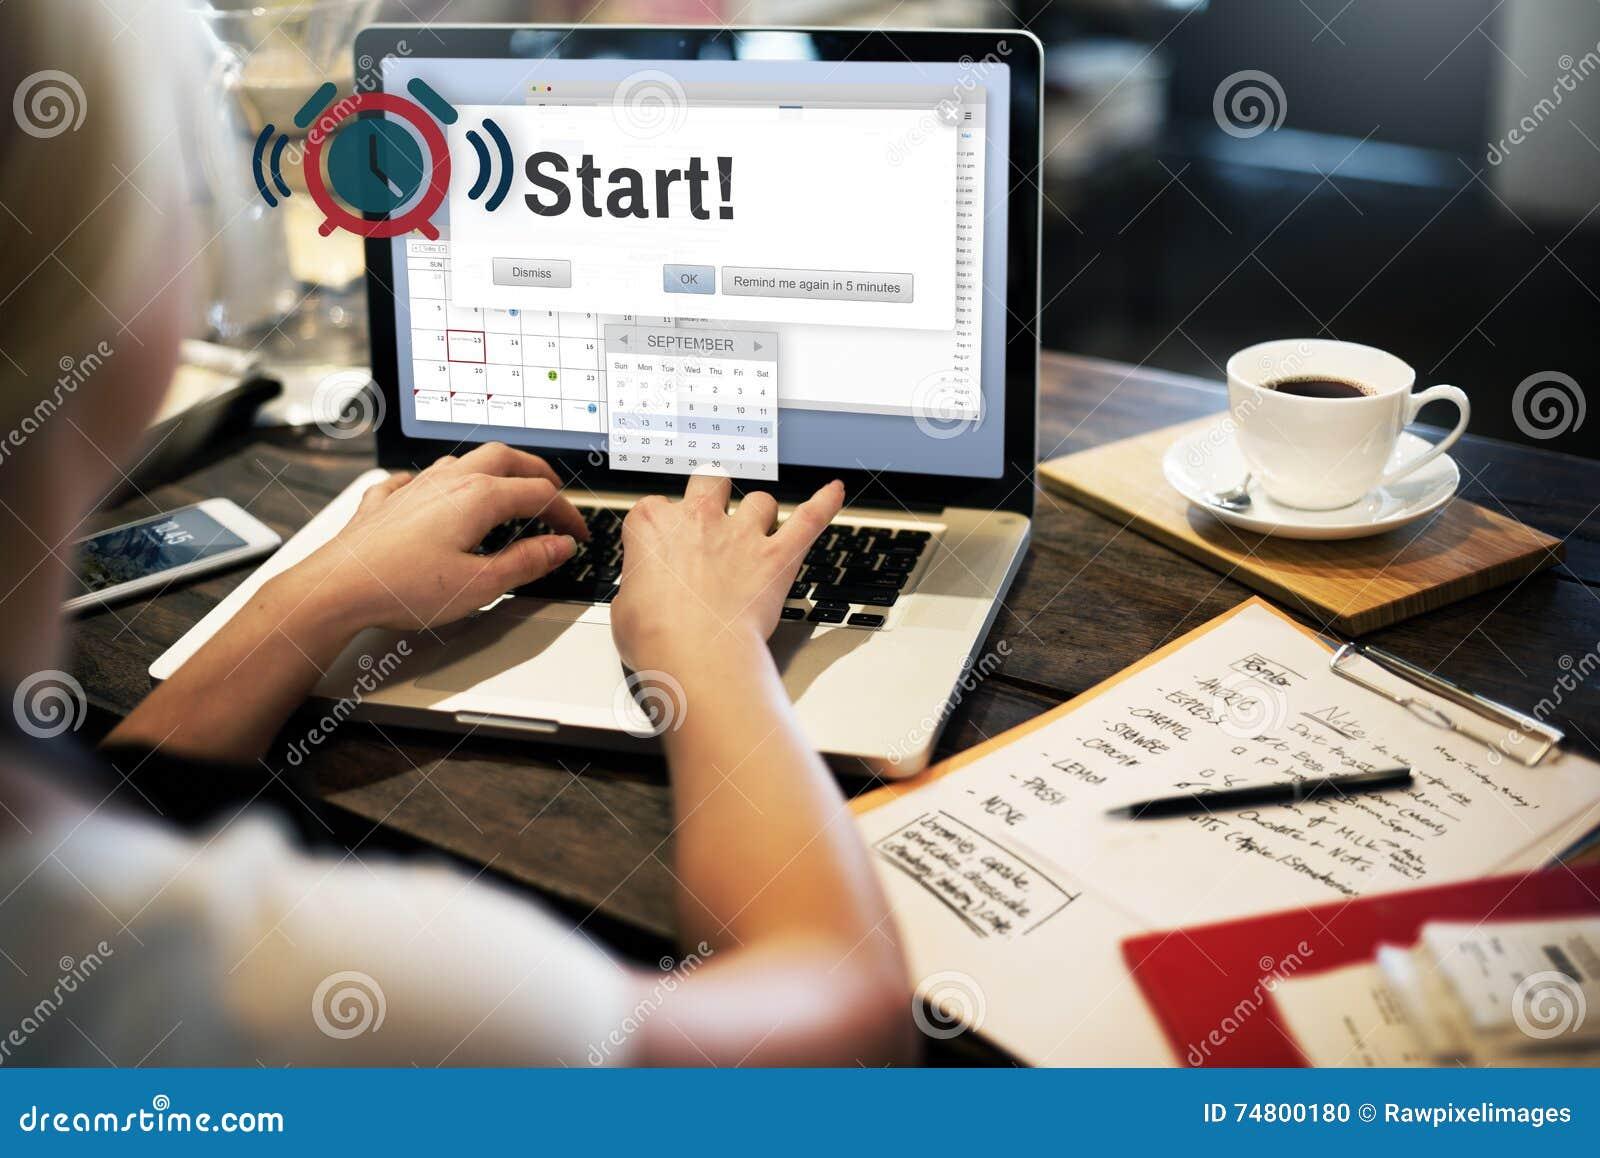 Commencez à commencer le premier concept d activation de lancement de démarrage en avant